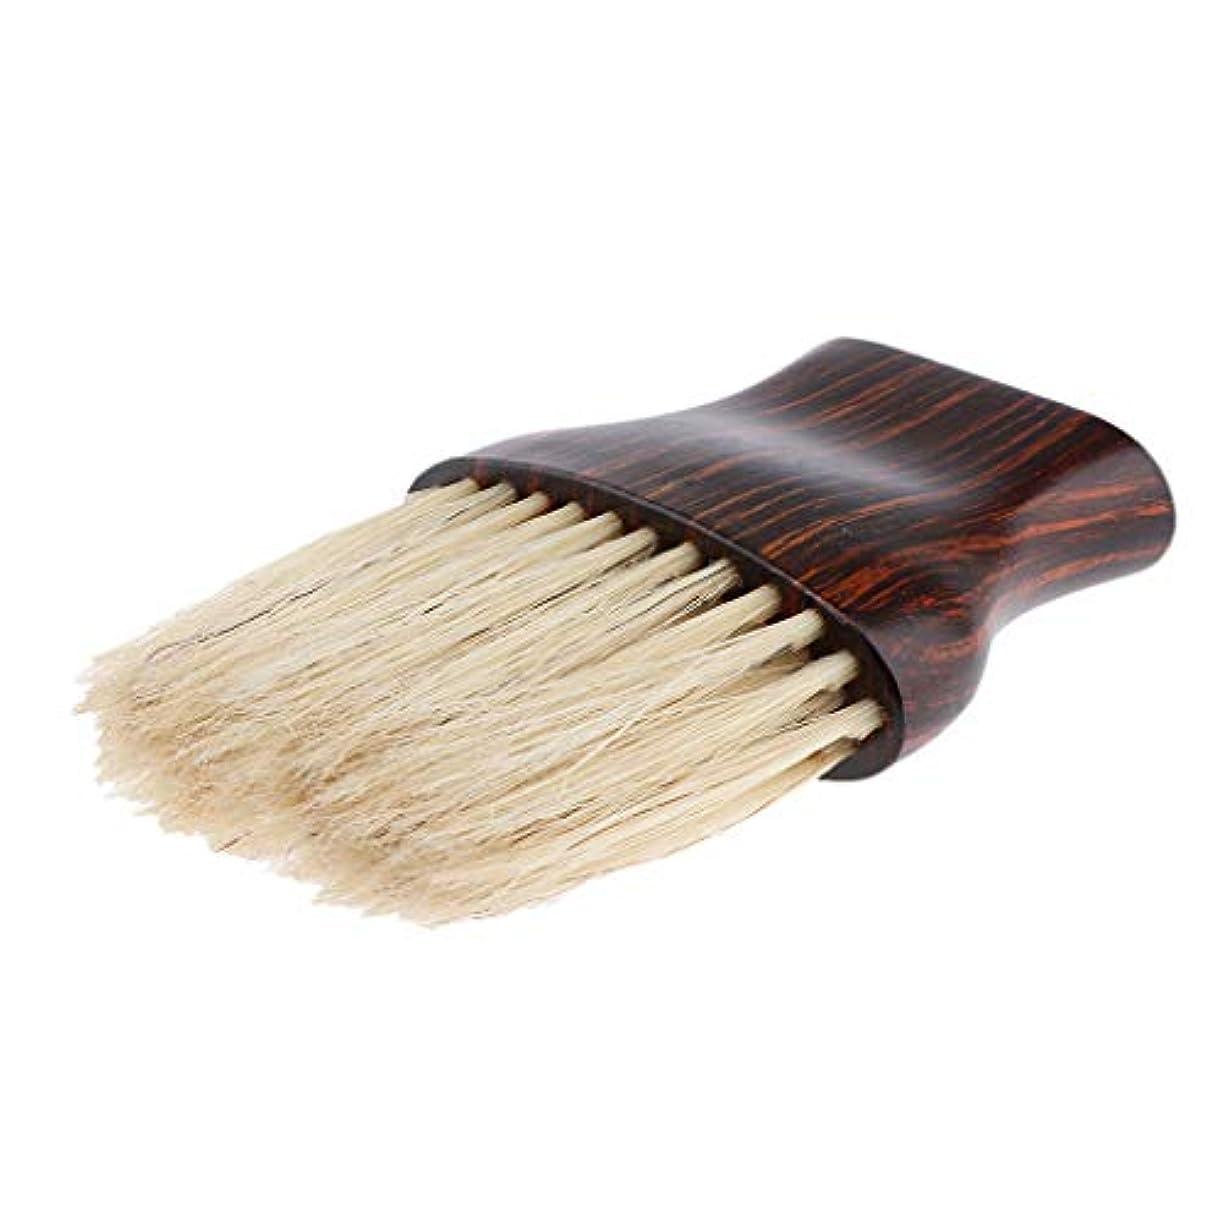 うまくやる()ショッピングセンターレイネックダスターブラシ 柔らかい繊維 ヘアブラシ 木製ハンドル 快適